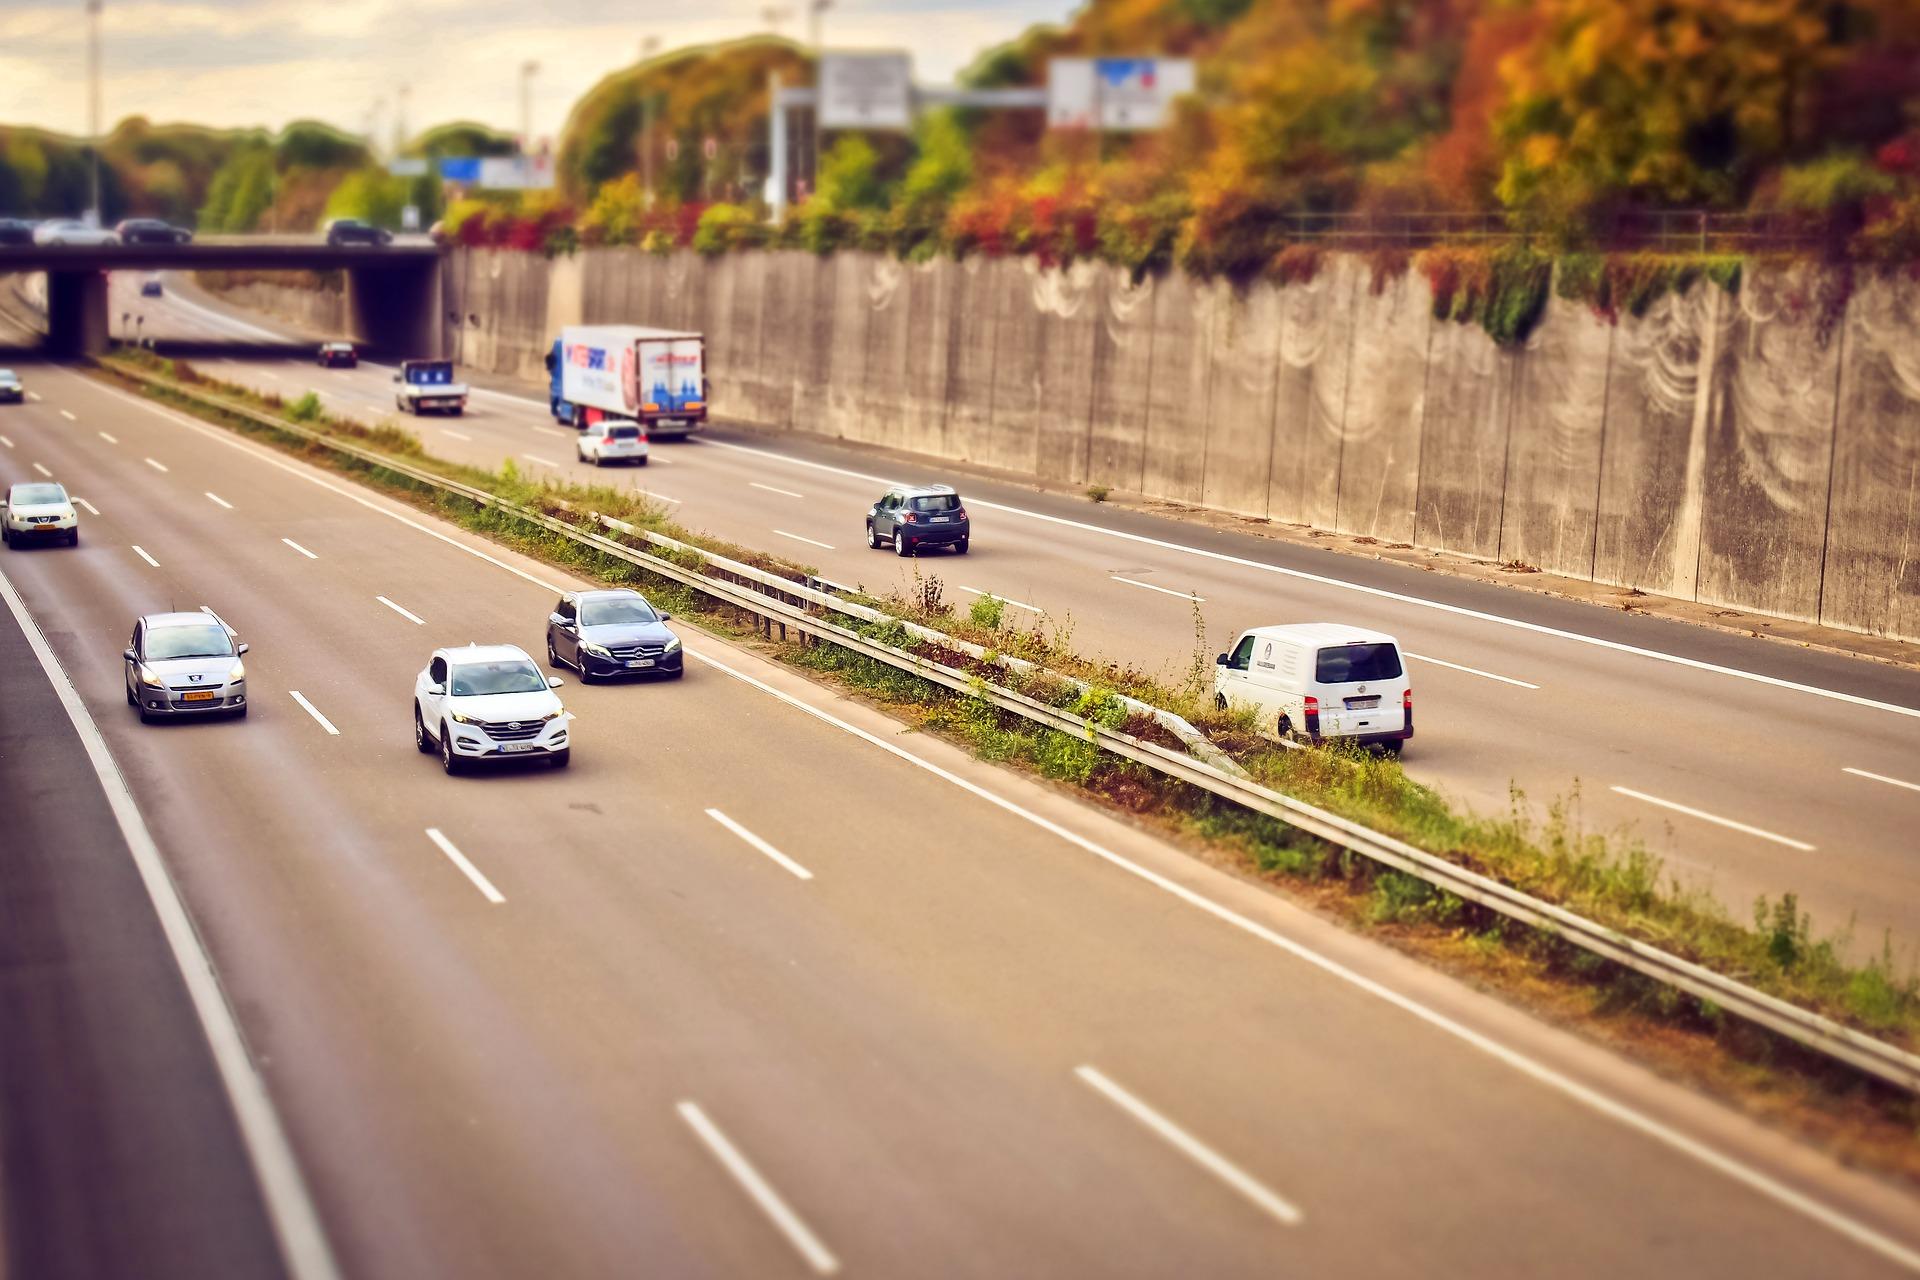 Wem gehören die Daten der Autofahrer?